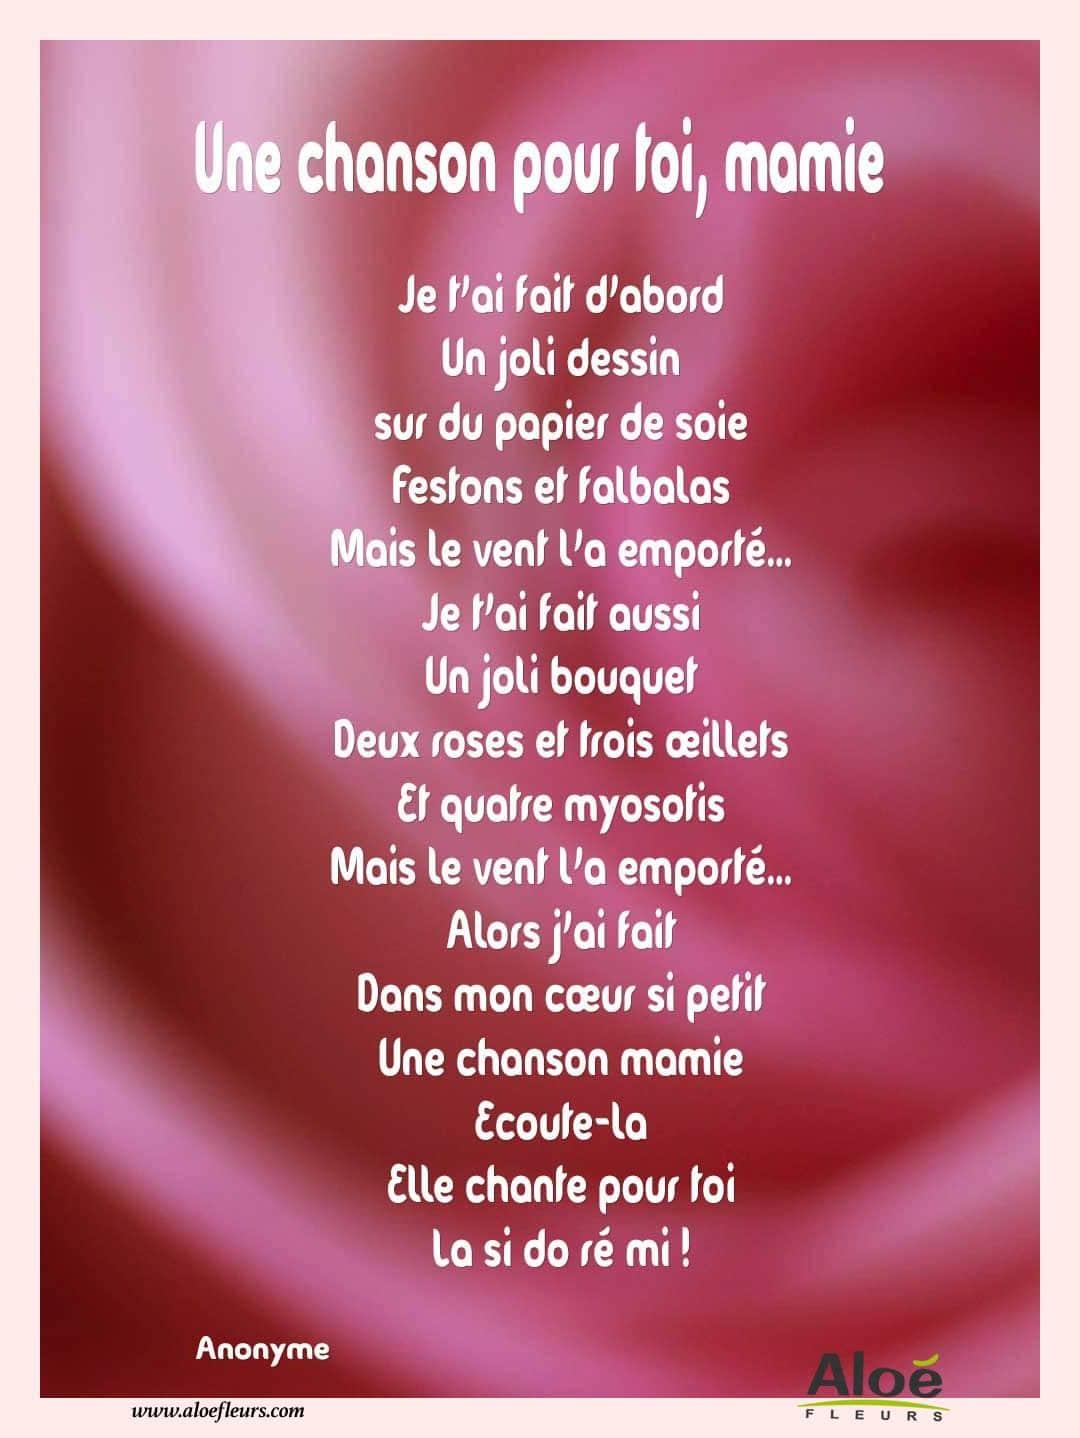 Poemes Fete Des Grands Meres 2016 Aloefleurscom Une